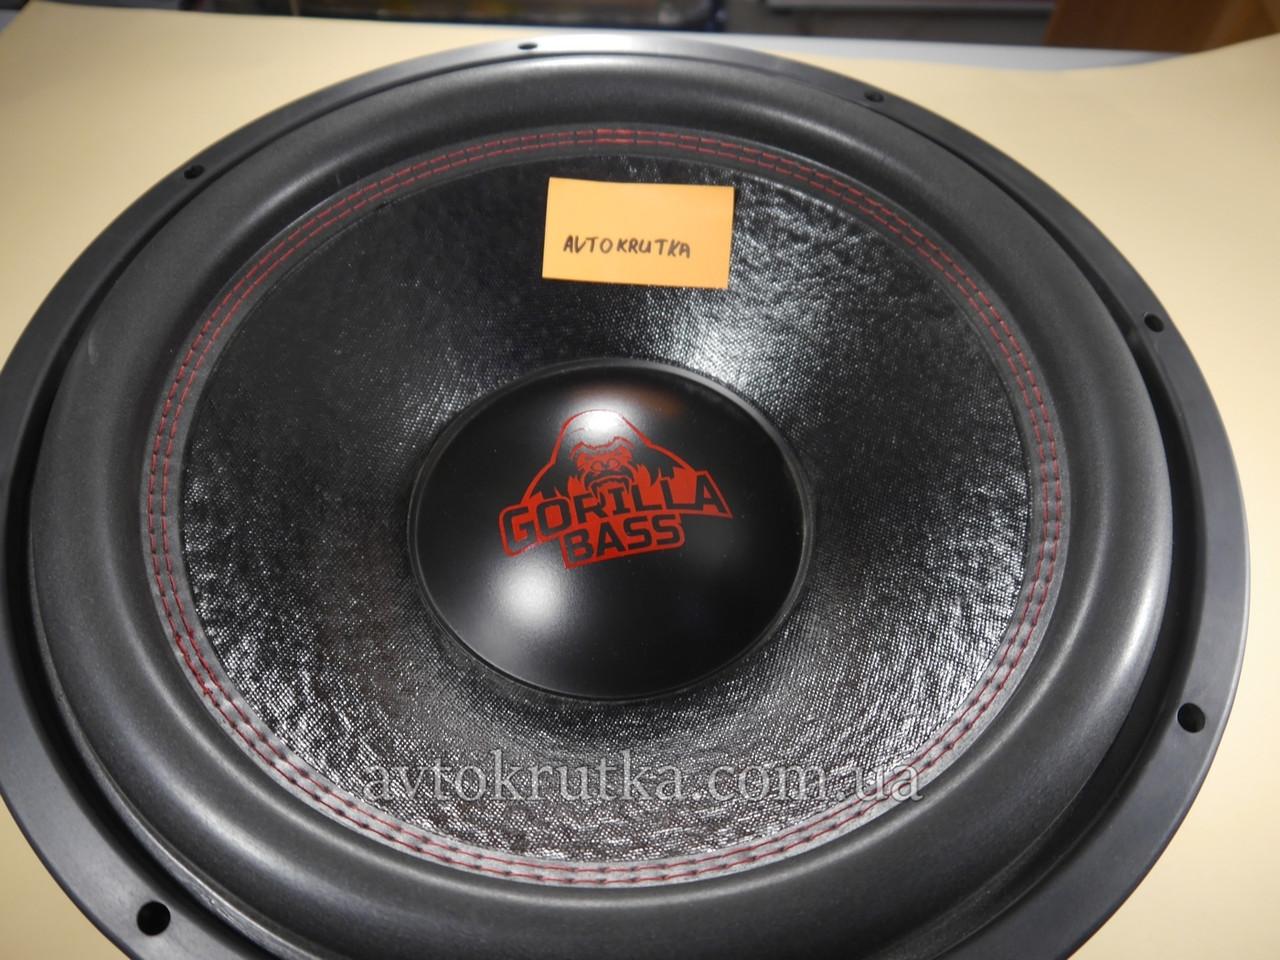 Сабвуфер Kicx Gorilla Bass E15. Пассивный